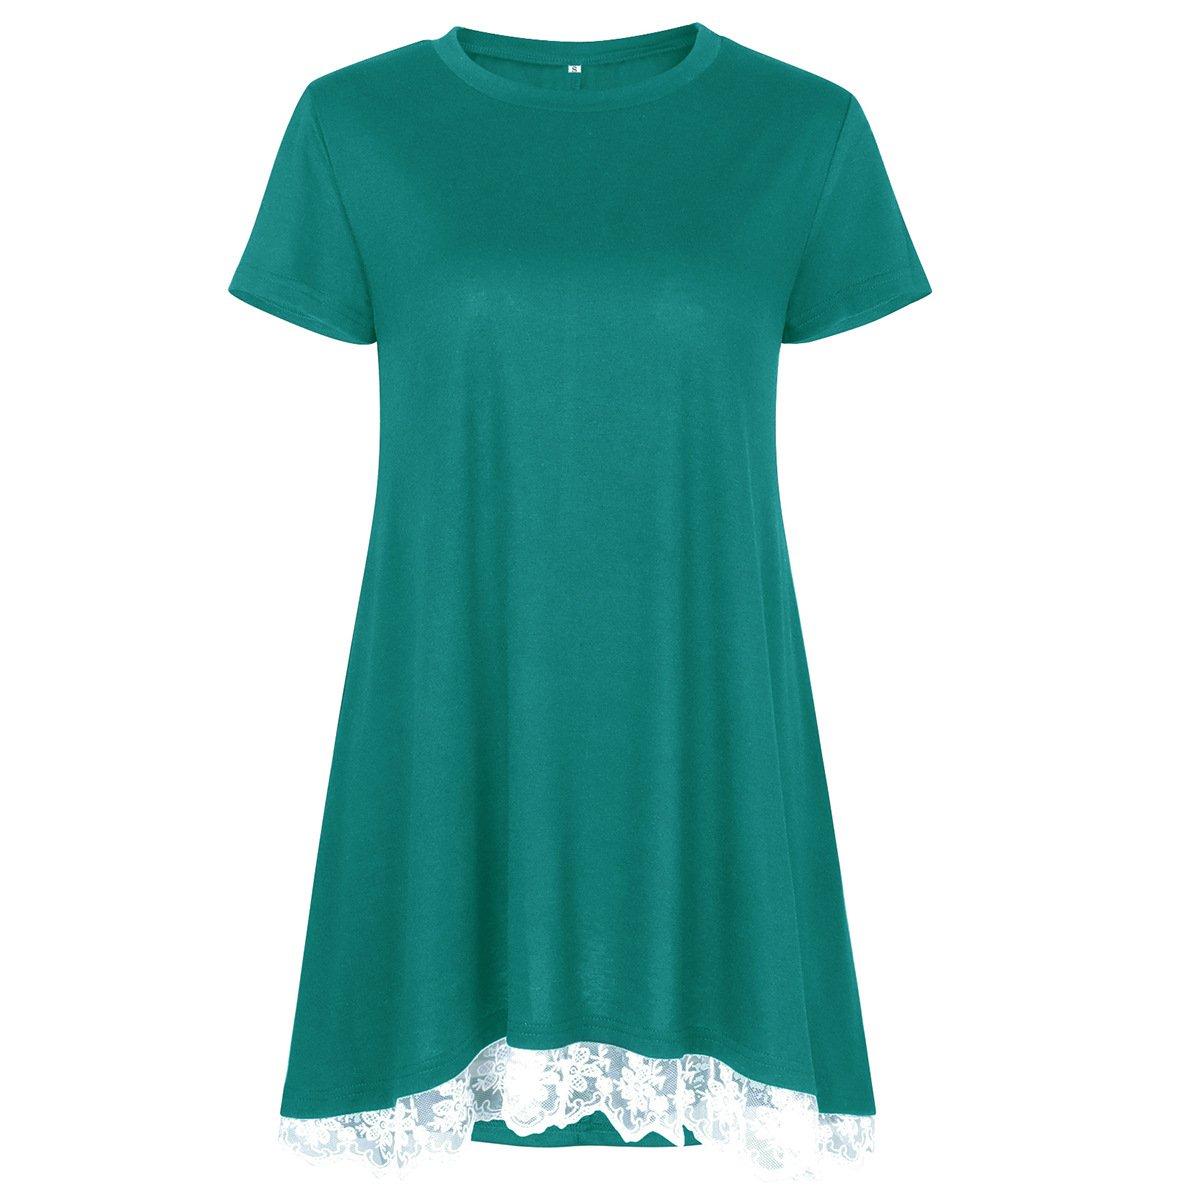 Camiseta de Manga Corta de Color Liso para Mujer.Cuello ...